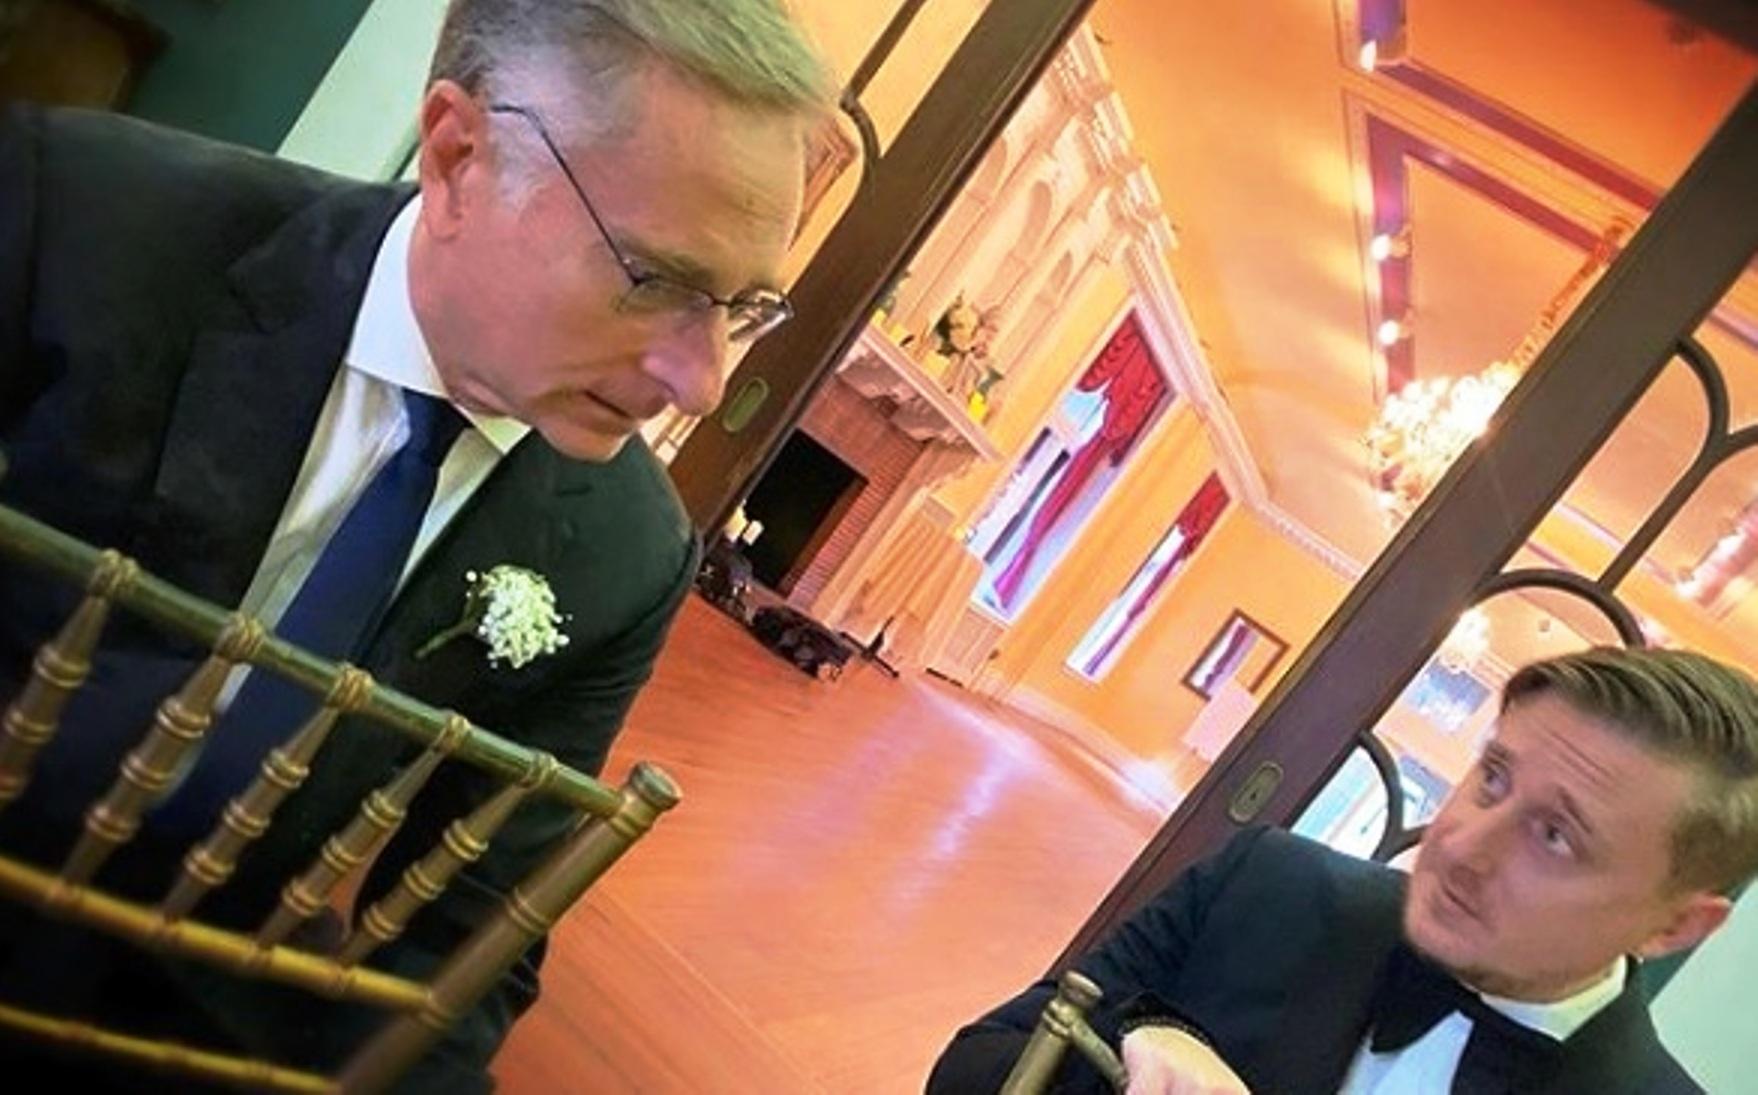 Paolo Bonolis Parla Del Figlio Stefano Ho Rinunciato A Lui Per La Carriera Giornale Di Sicilia